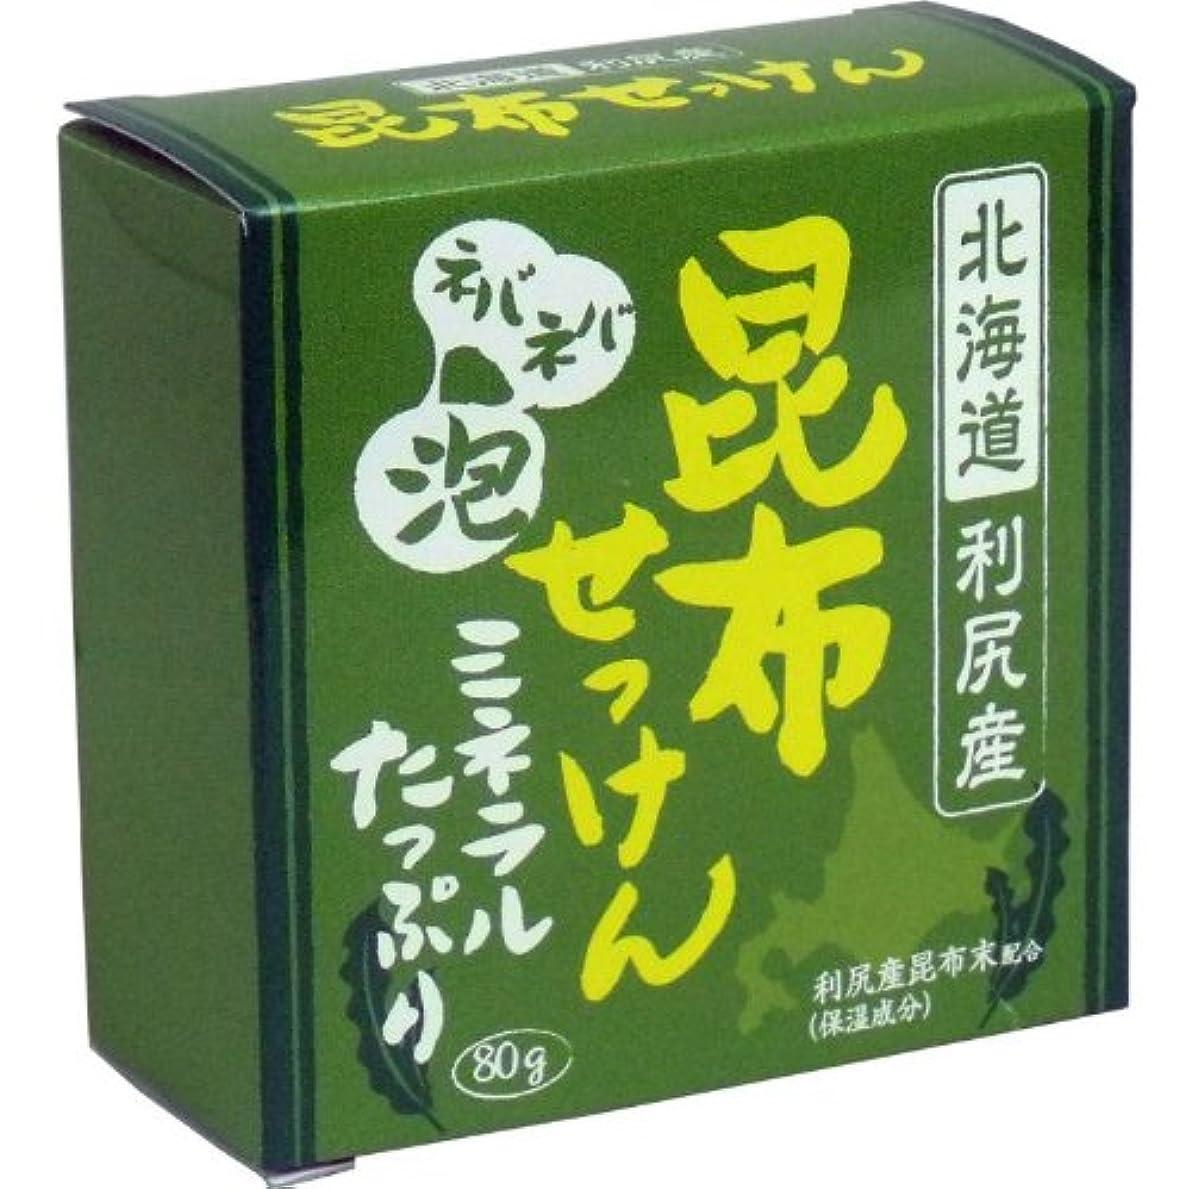 愛されし者してはいけません伝染性の北海道利尻産昆布末配合!!ミネラルたっぷりの化粧石鹸です!3個セット